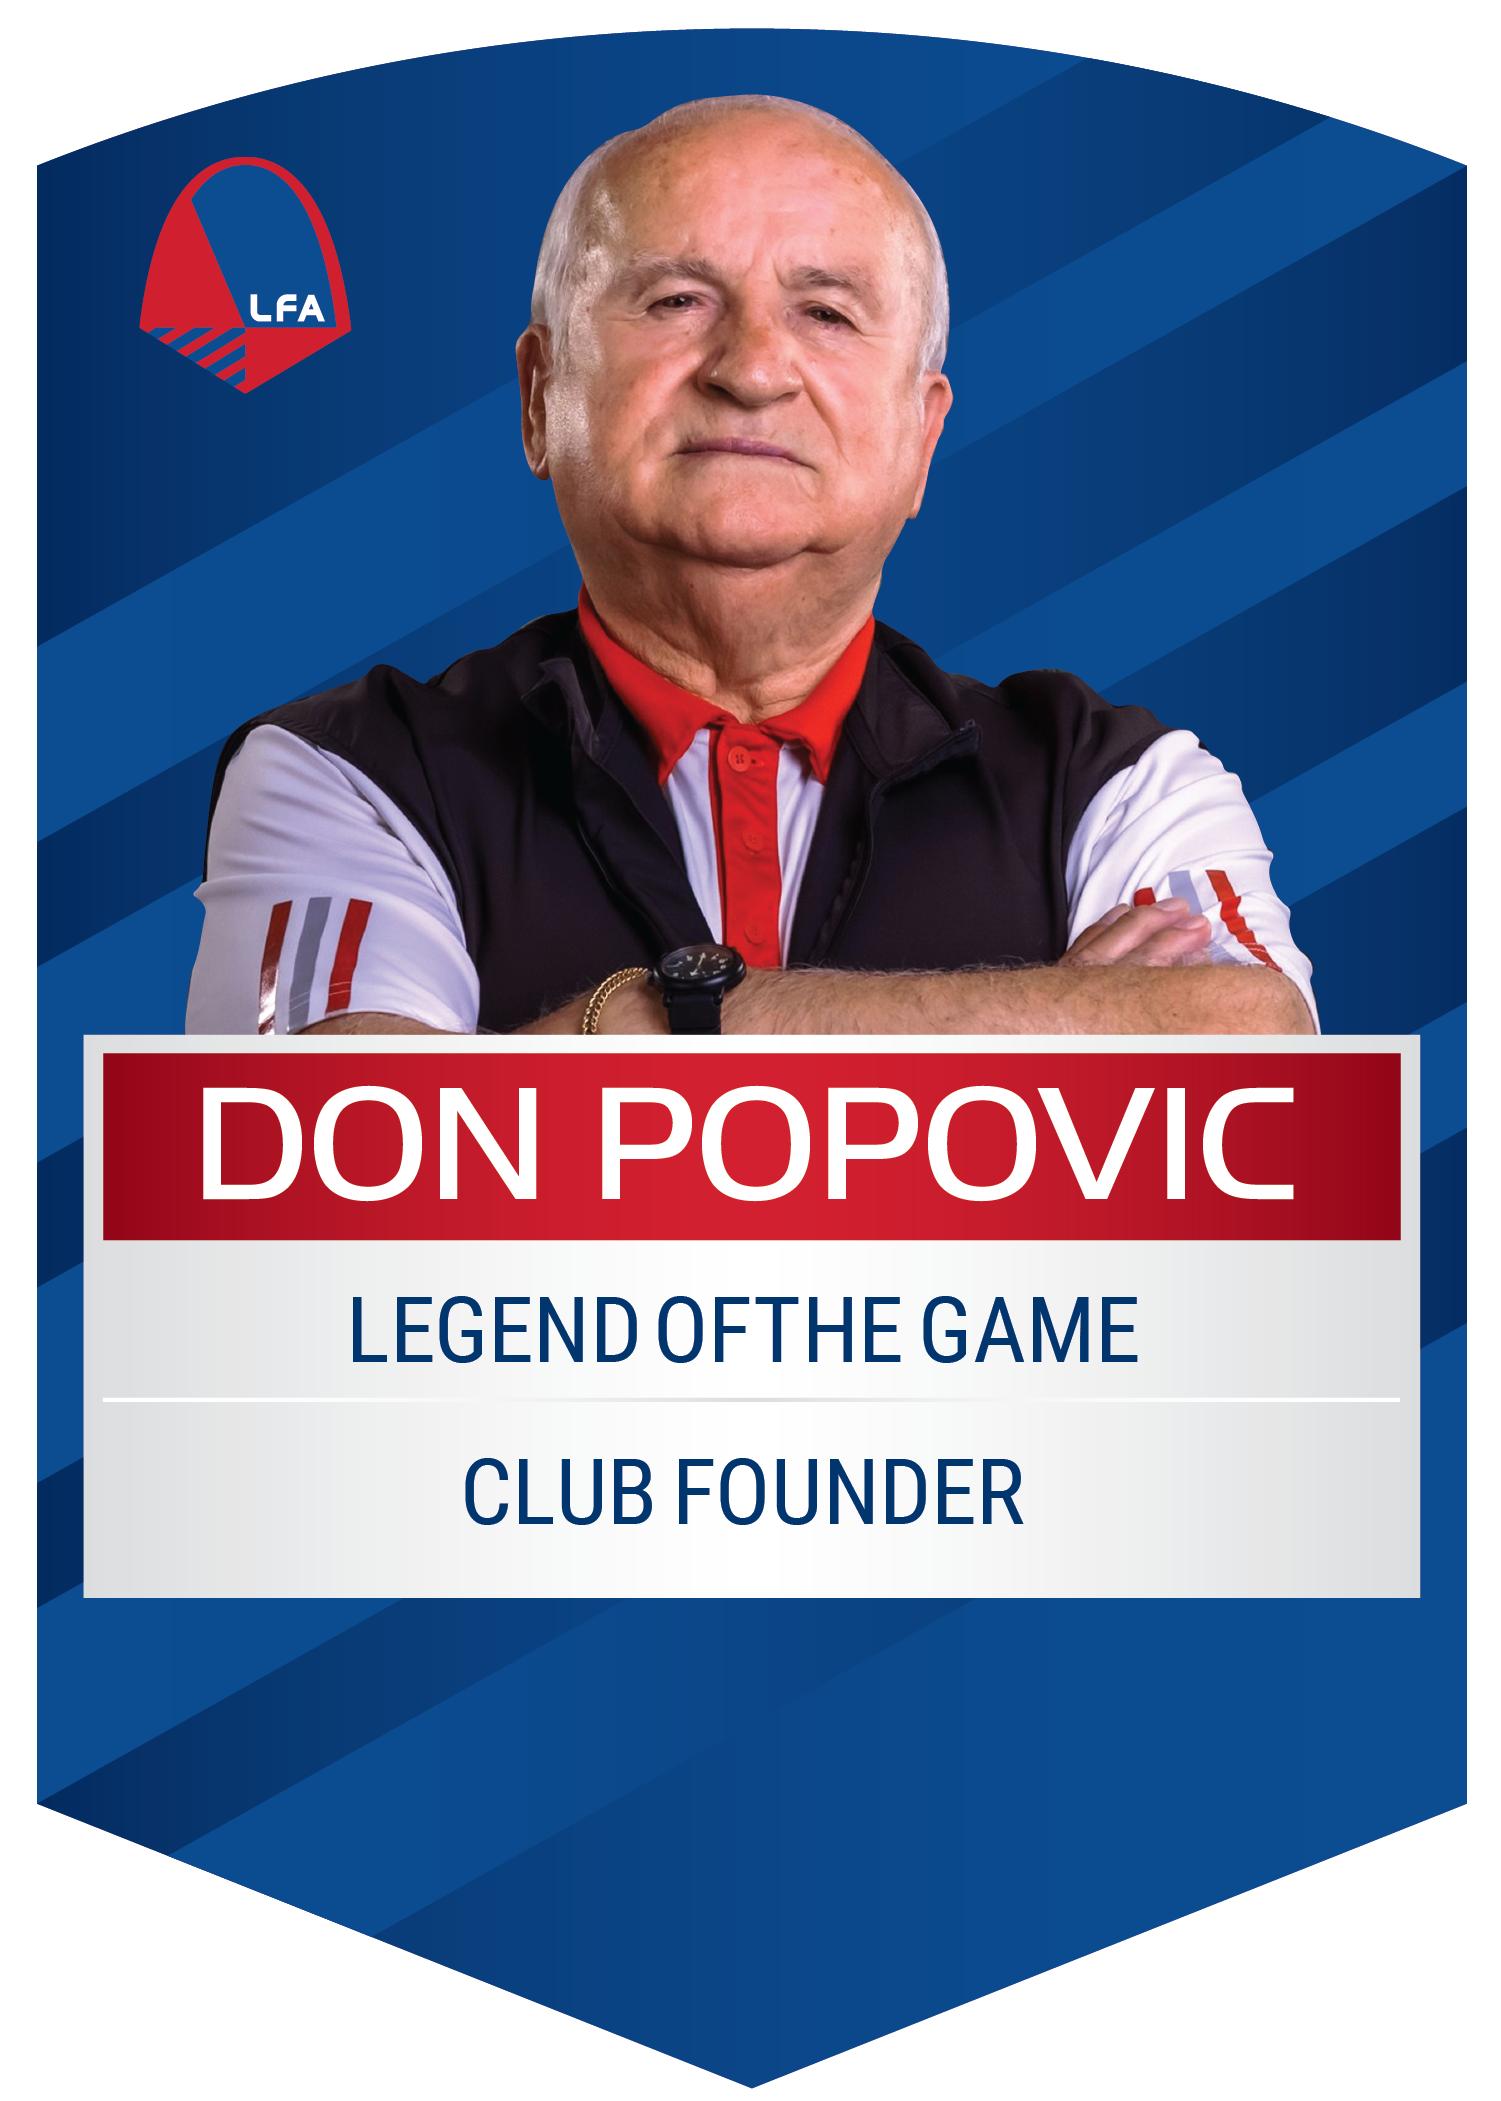 Don Popovic